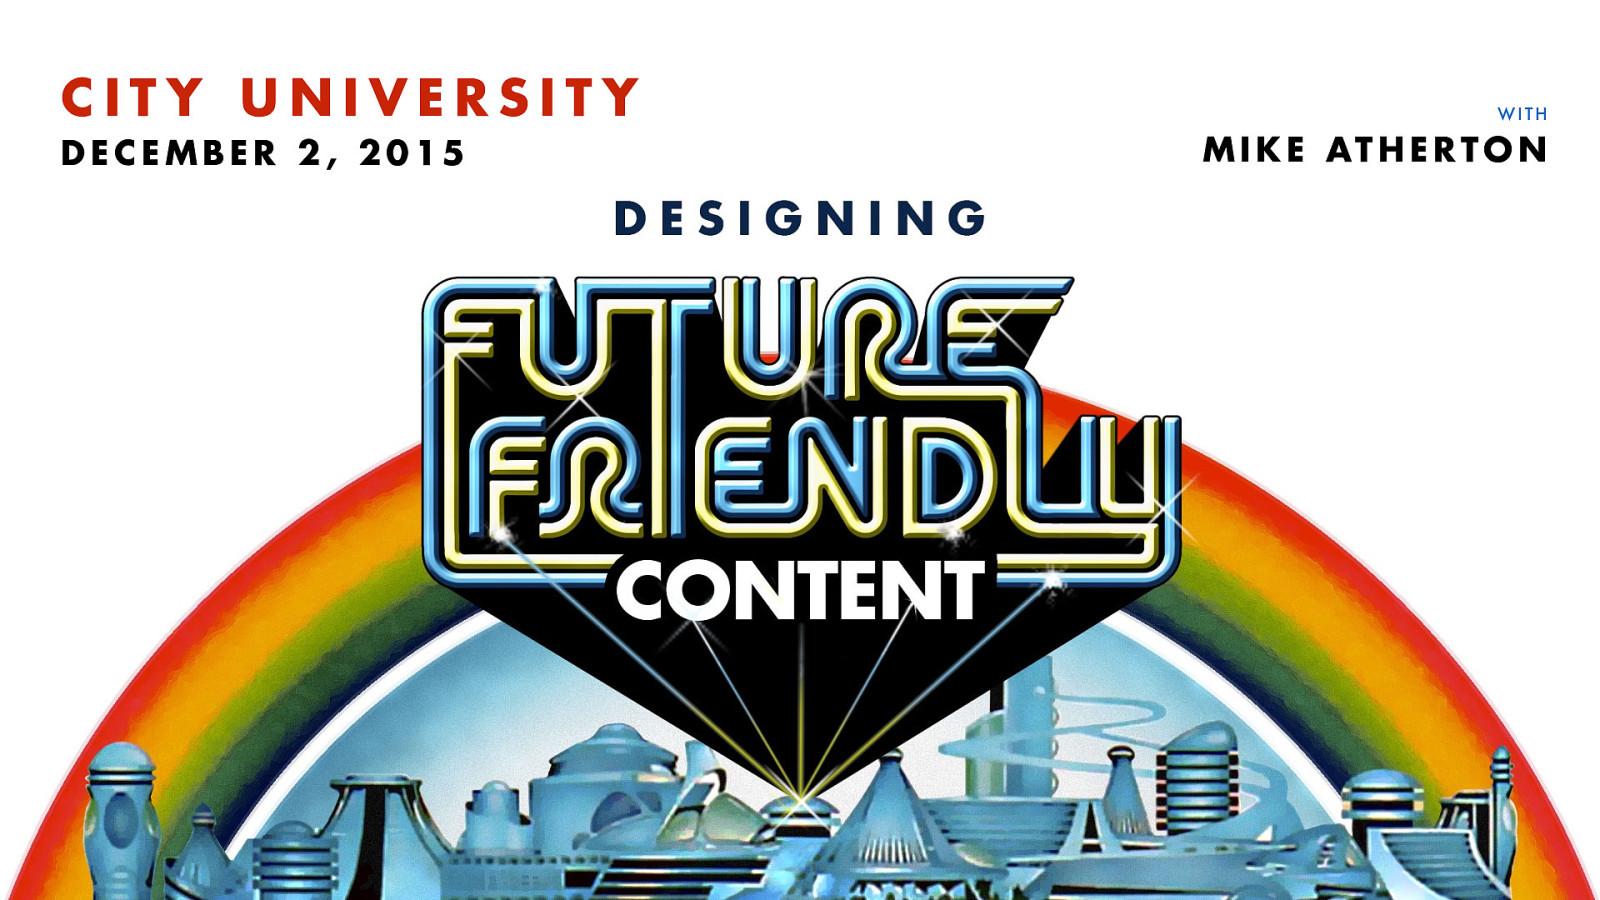 Future-Friendly Content